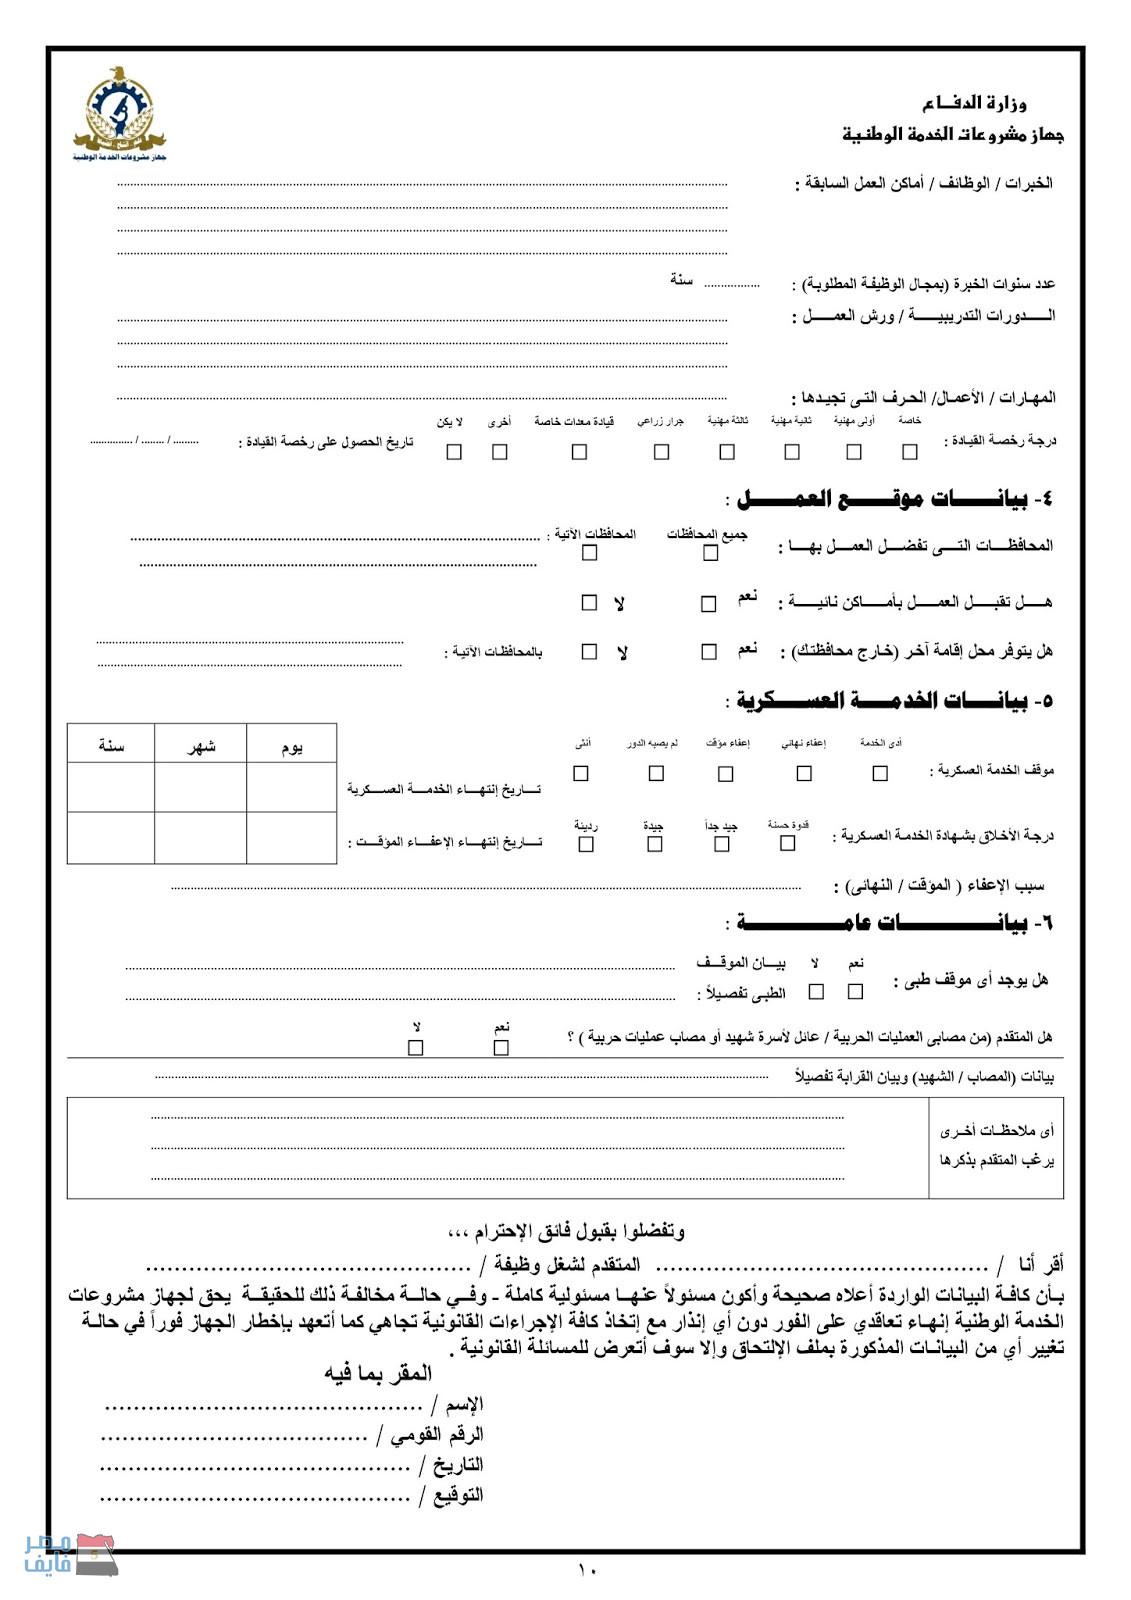 وظائف وزارة الدفاع في عدد من المحافظات لجميع المؤهلات العلمية والتقديم حتى 12 فبراير 10